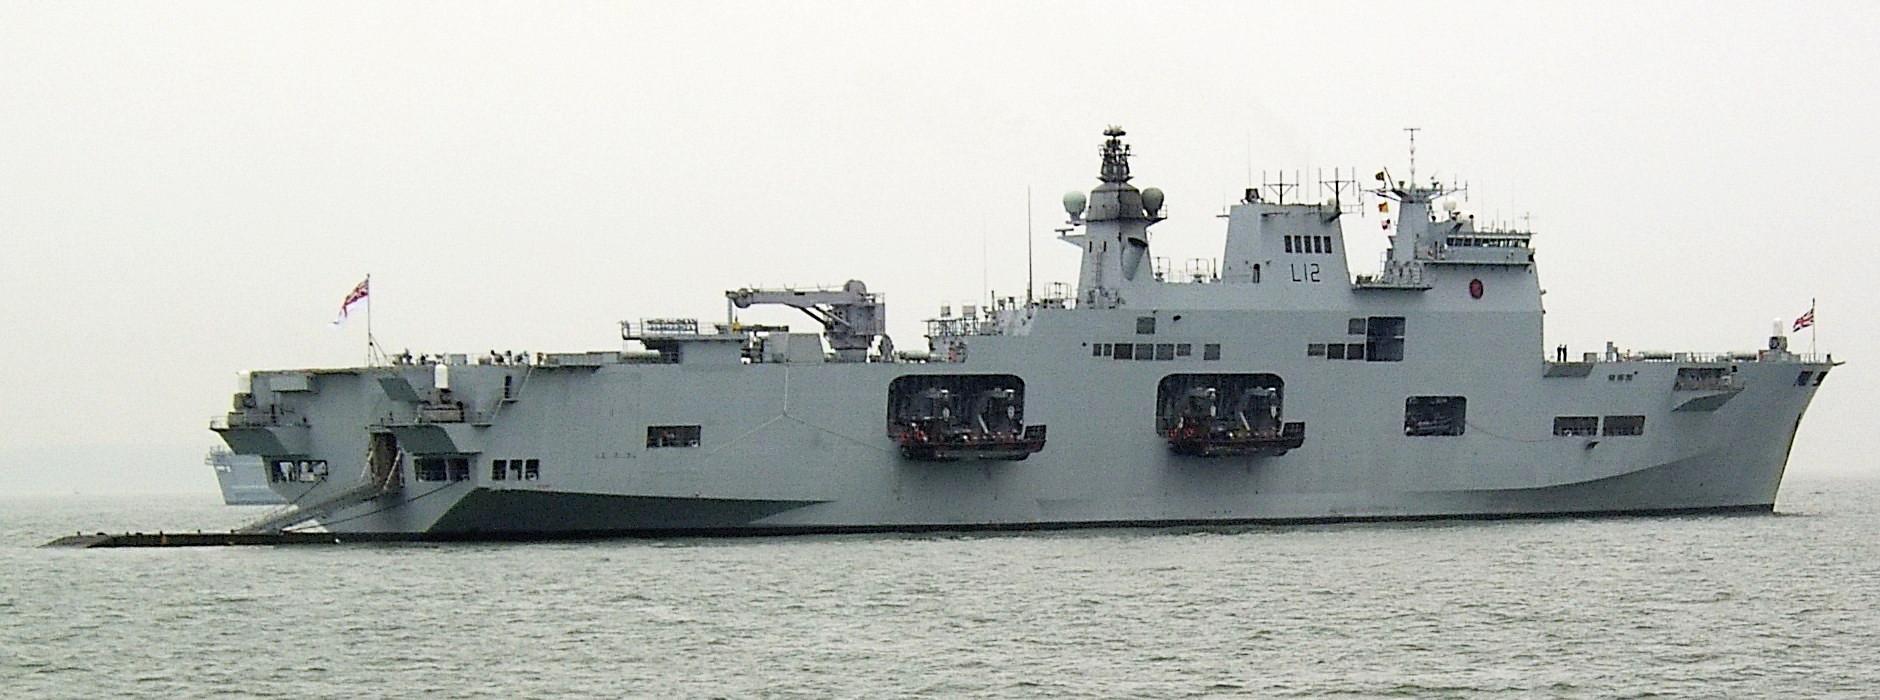 HMS_Ocean_IFOS2005%2C_cropped.jpg